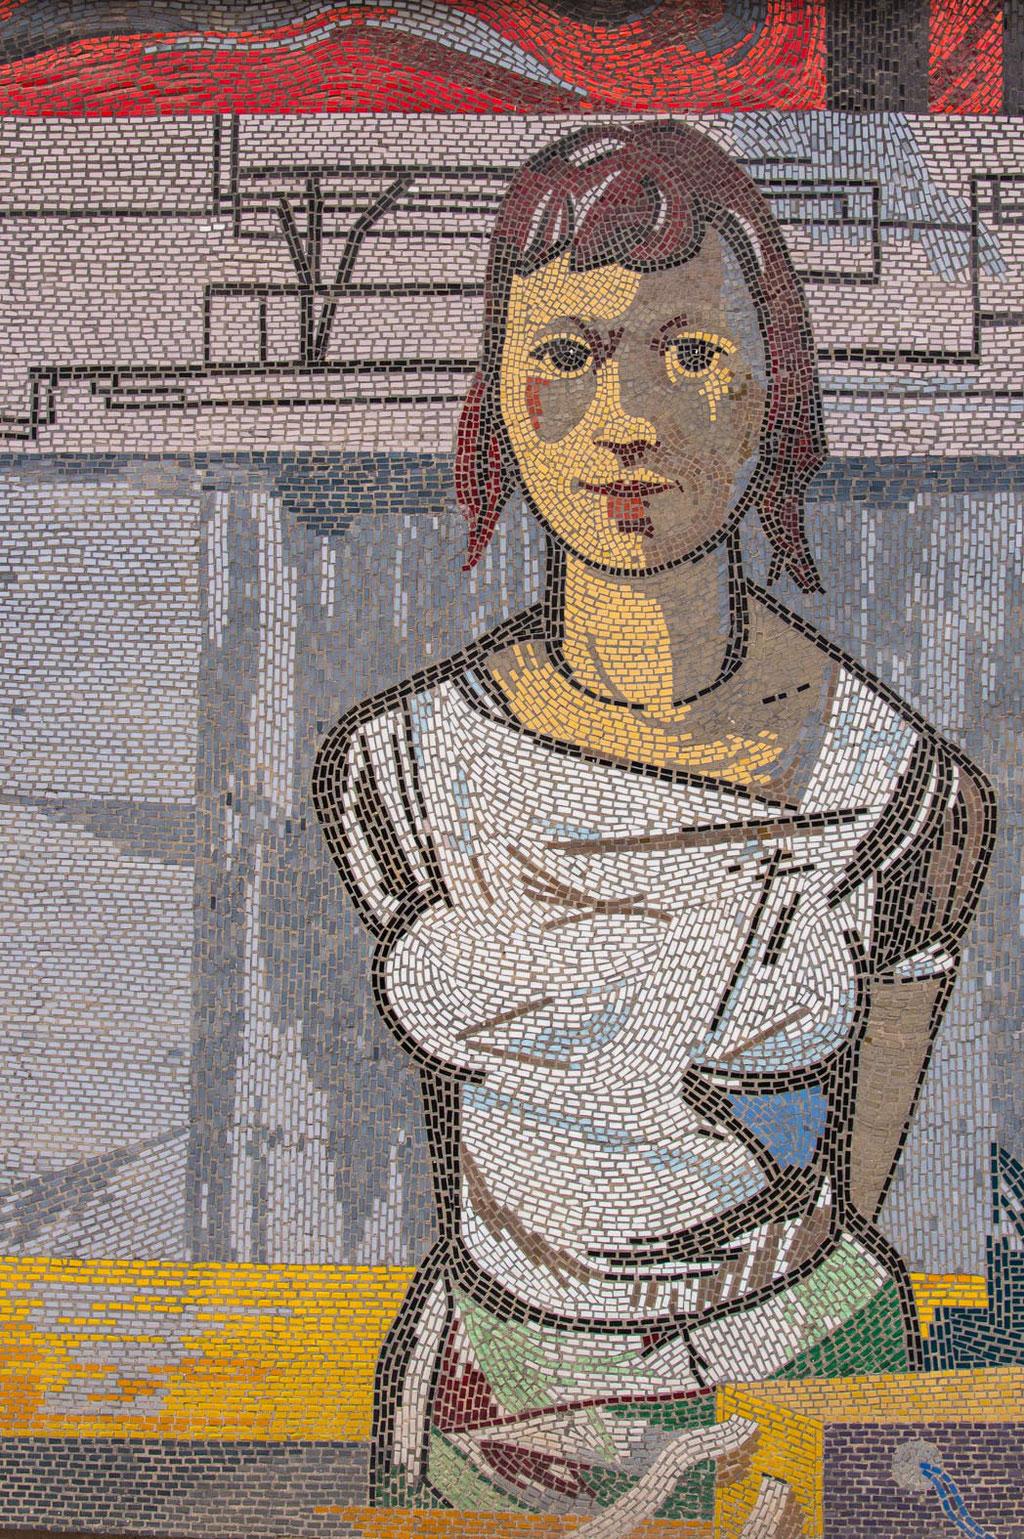 Rechenzentrum (Sepp Weber Kollektiv), Mosaik (Fritz Eisel), Potsdam (D)